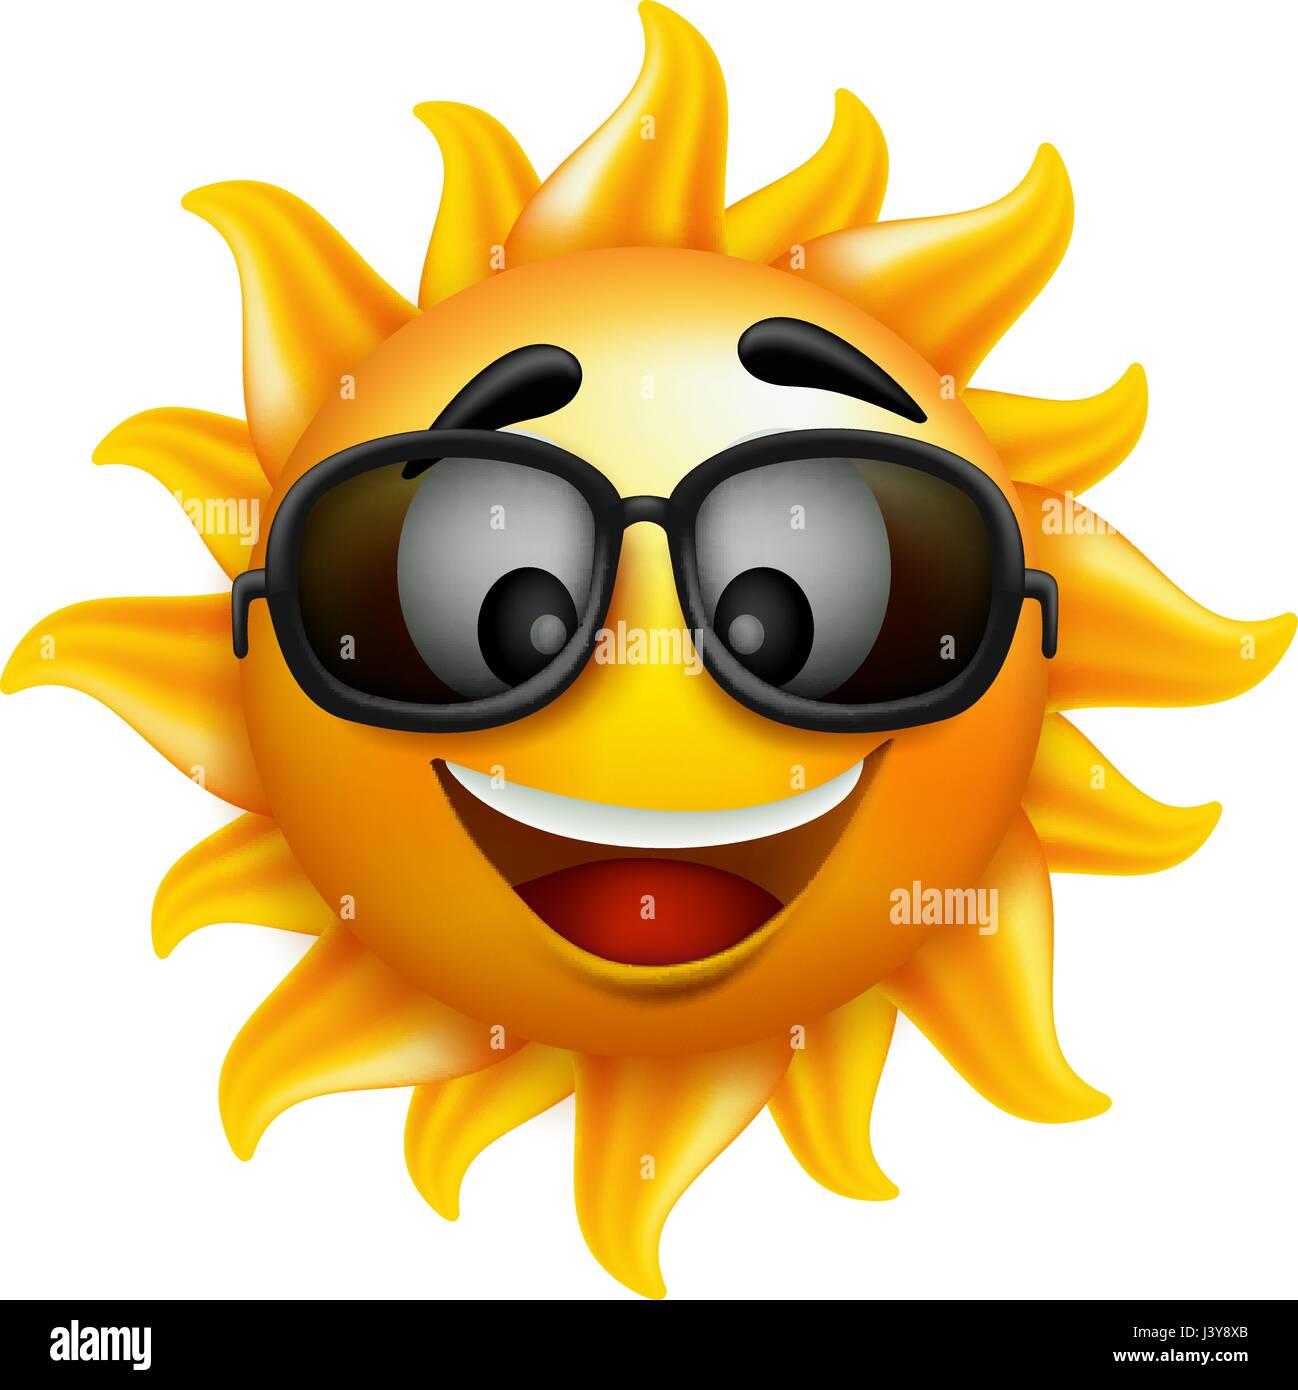 Sol de verano Cara con gafas de sol de diseño vectorial con carácter alegre  sonrisa aislado eeeba91c911